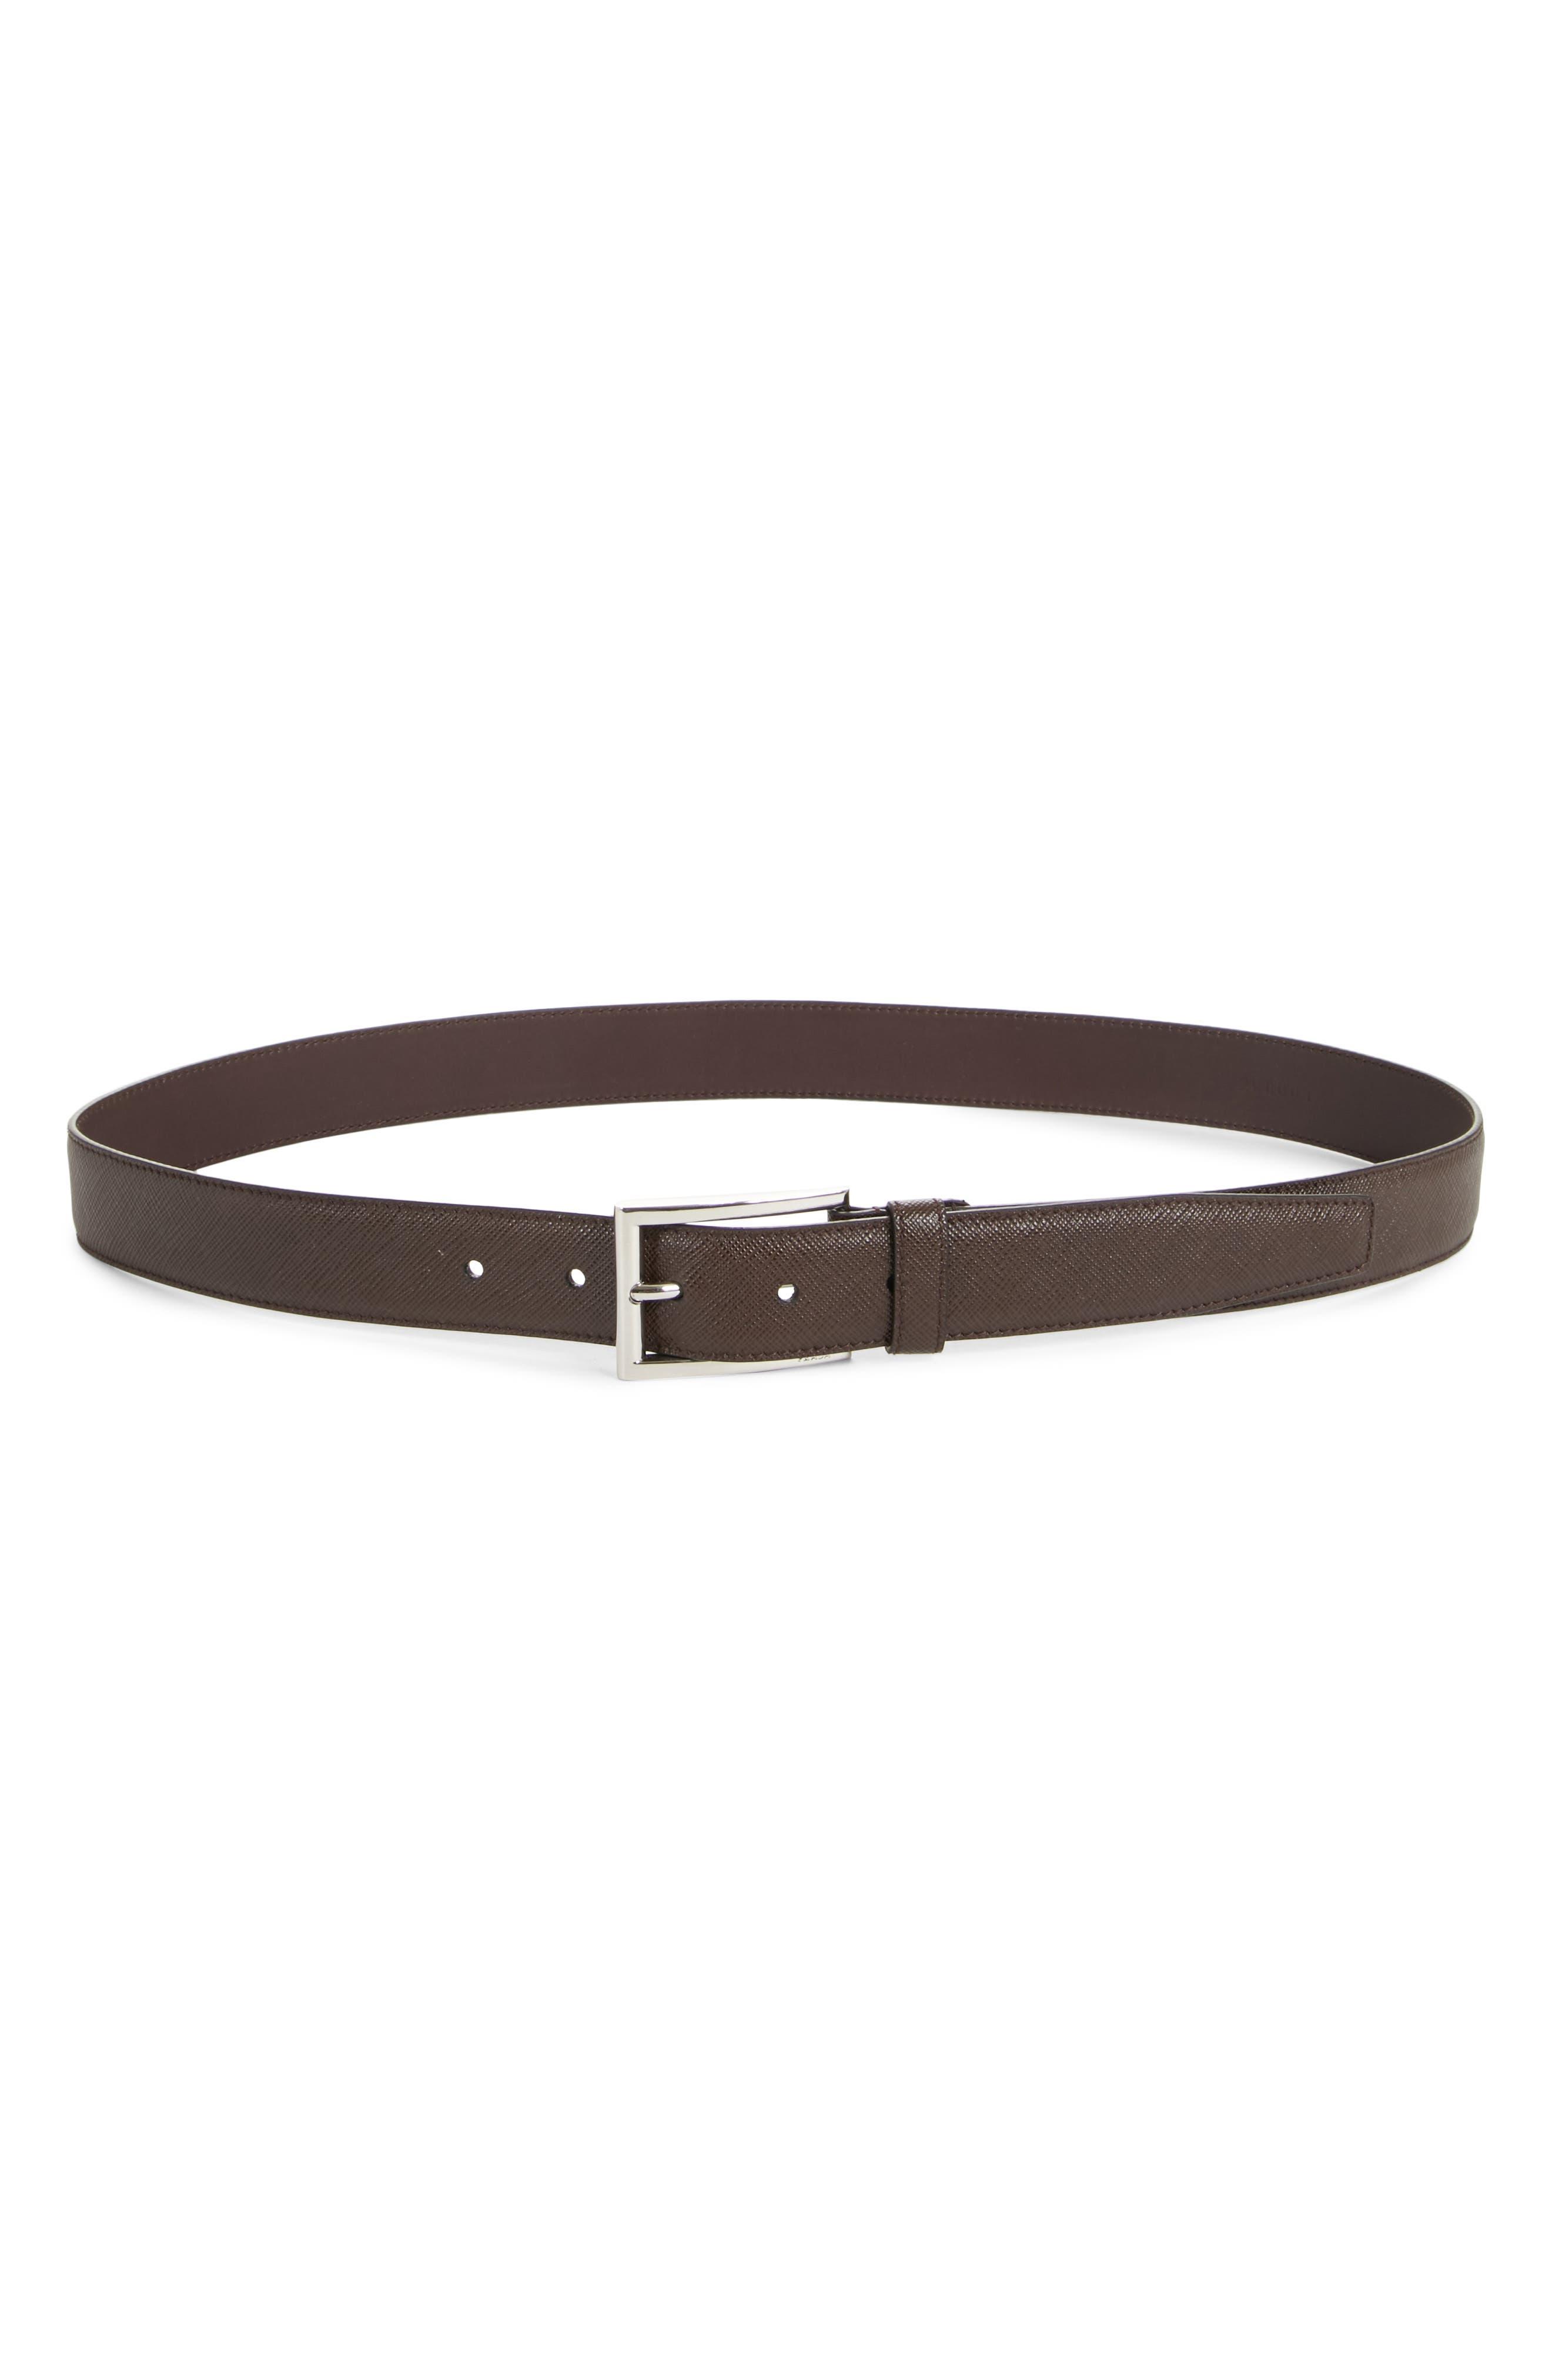 Saffiano Leather Belt,                         Main,                         color, Caffe